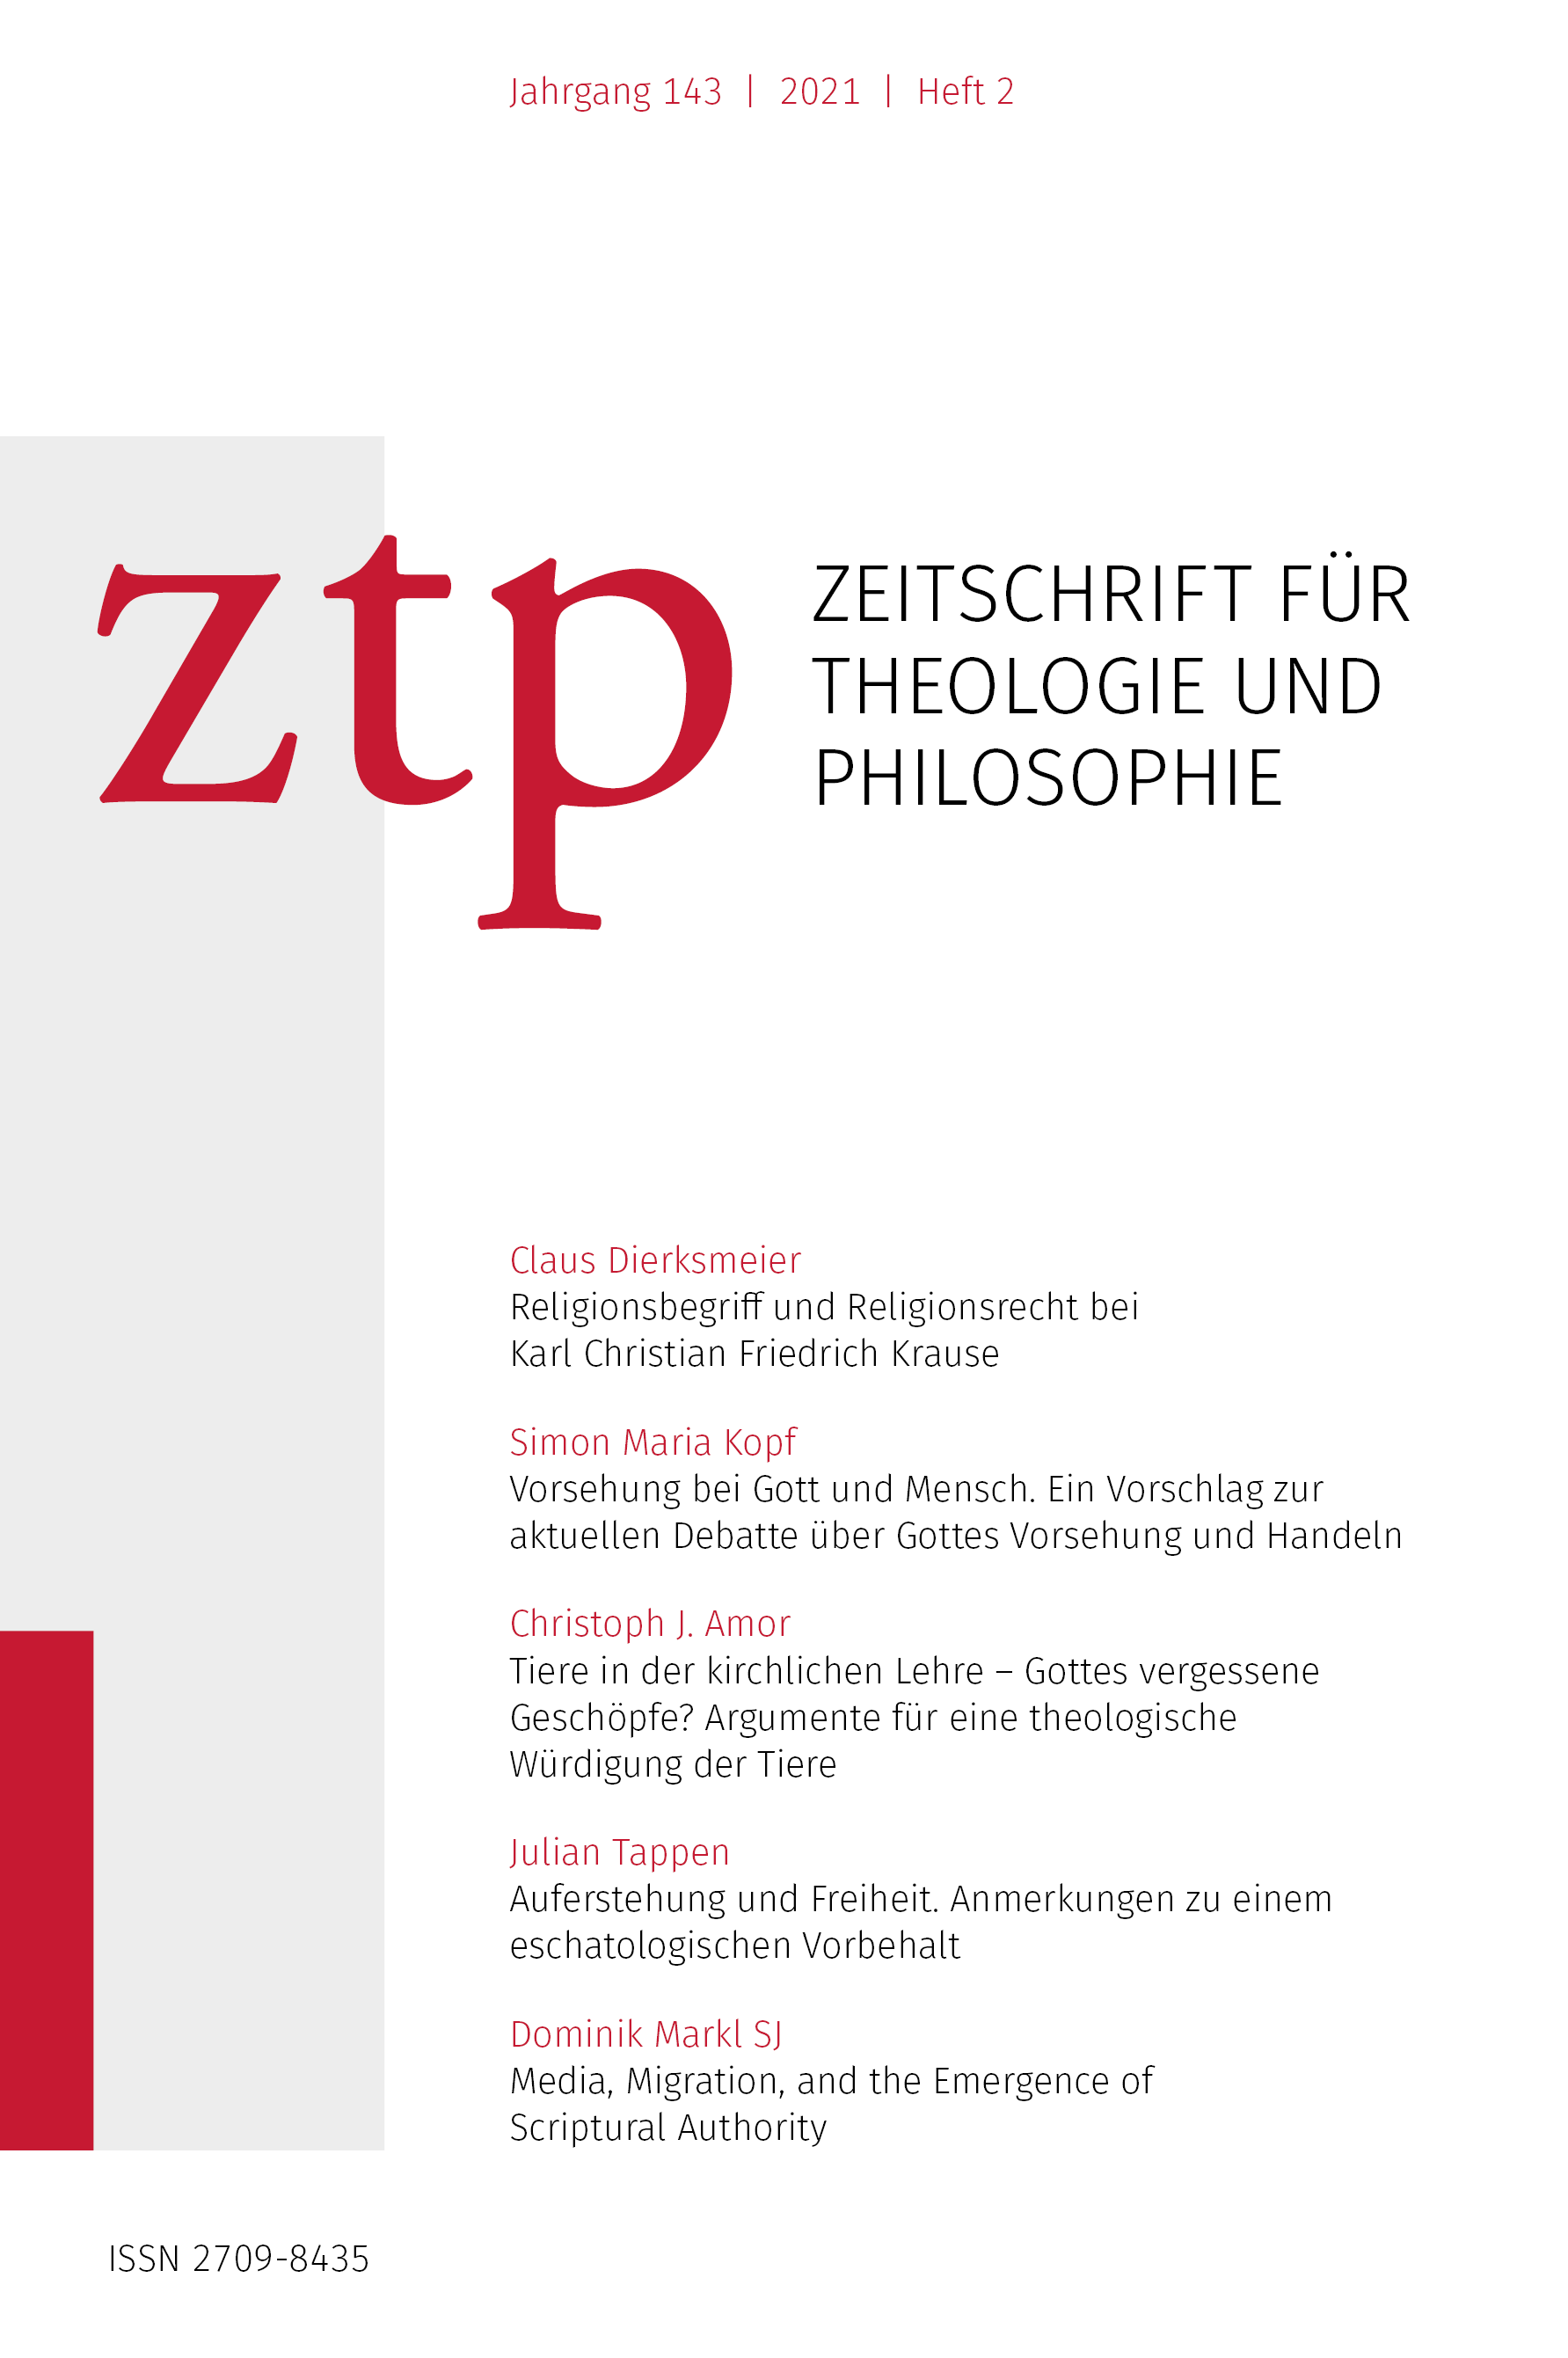 Titelseite der Zeitschrift für Theologie und Philosophie 143 (2021) 2